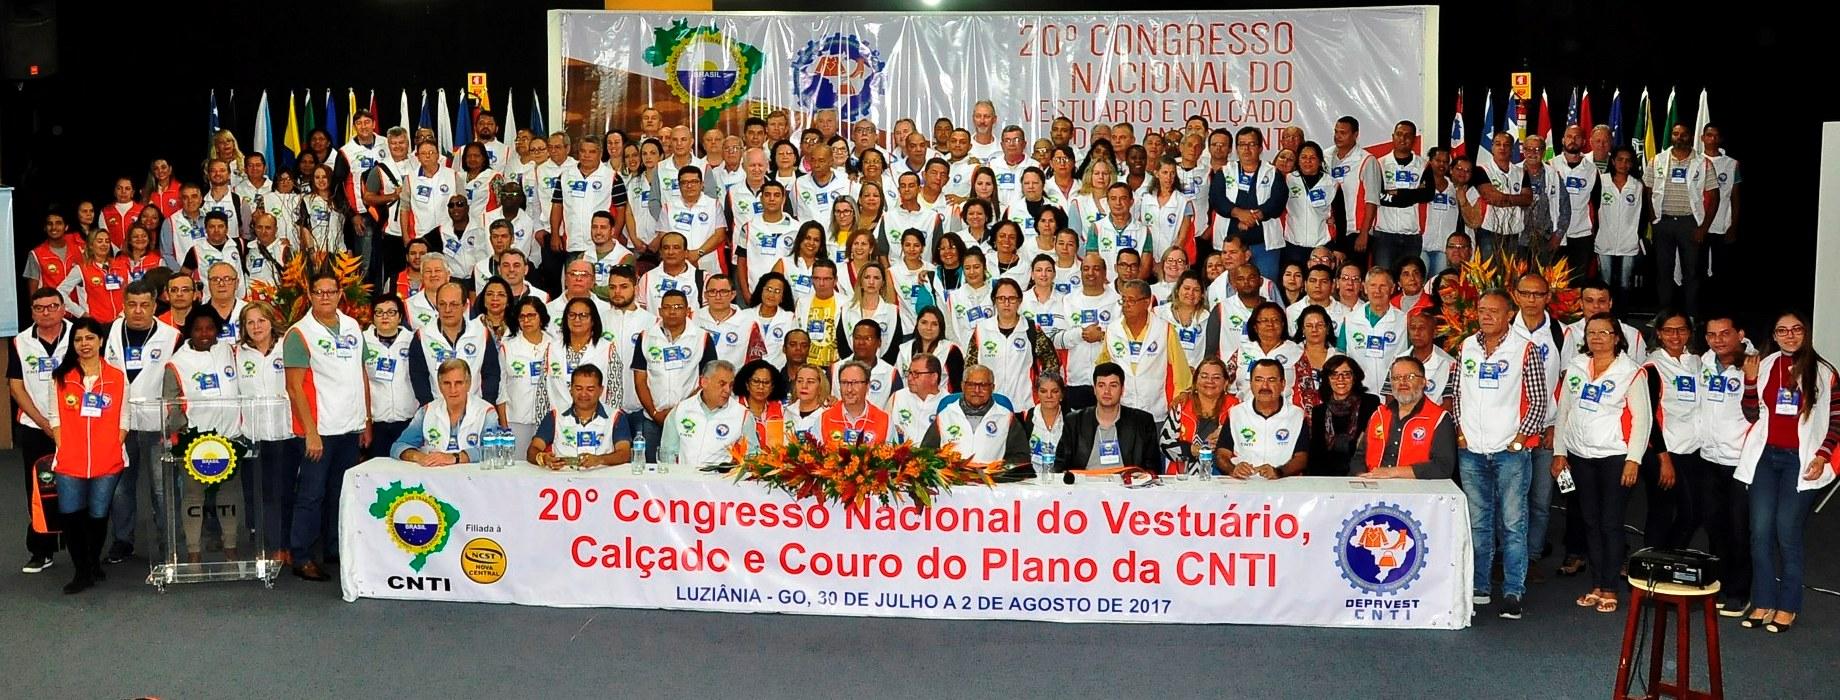 Participaram do Congresso centenas de sindicalistas de todo País